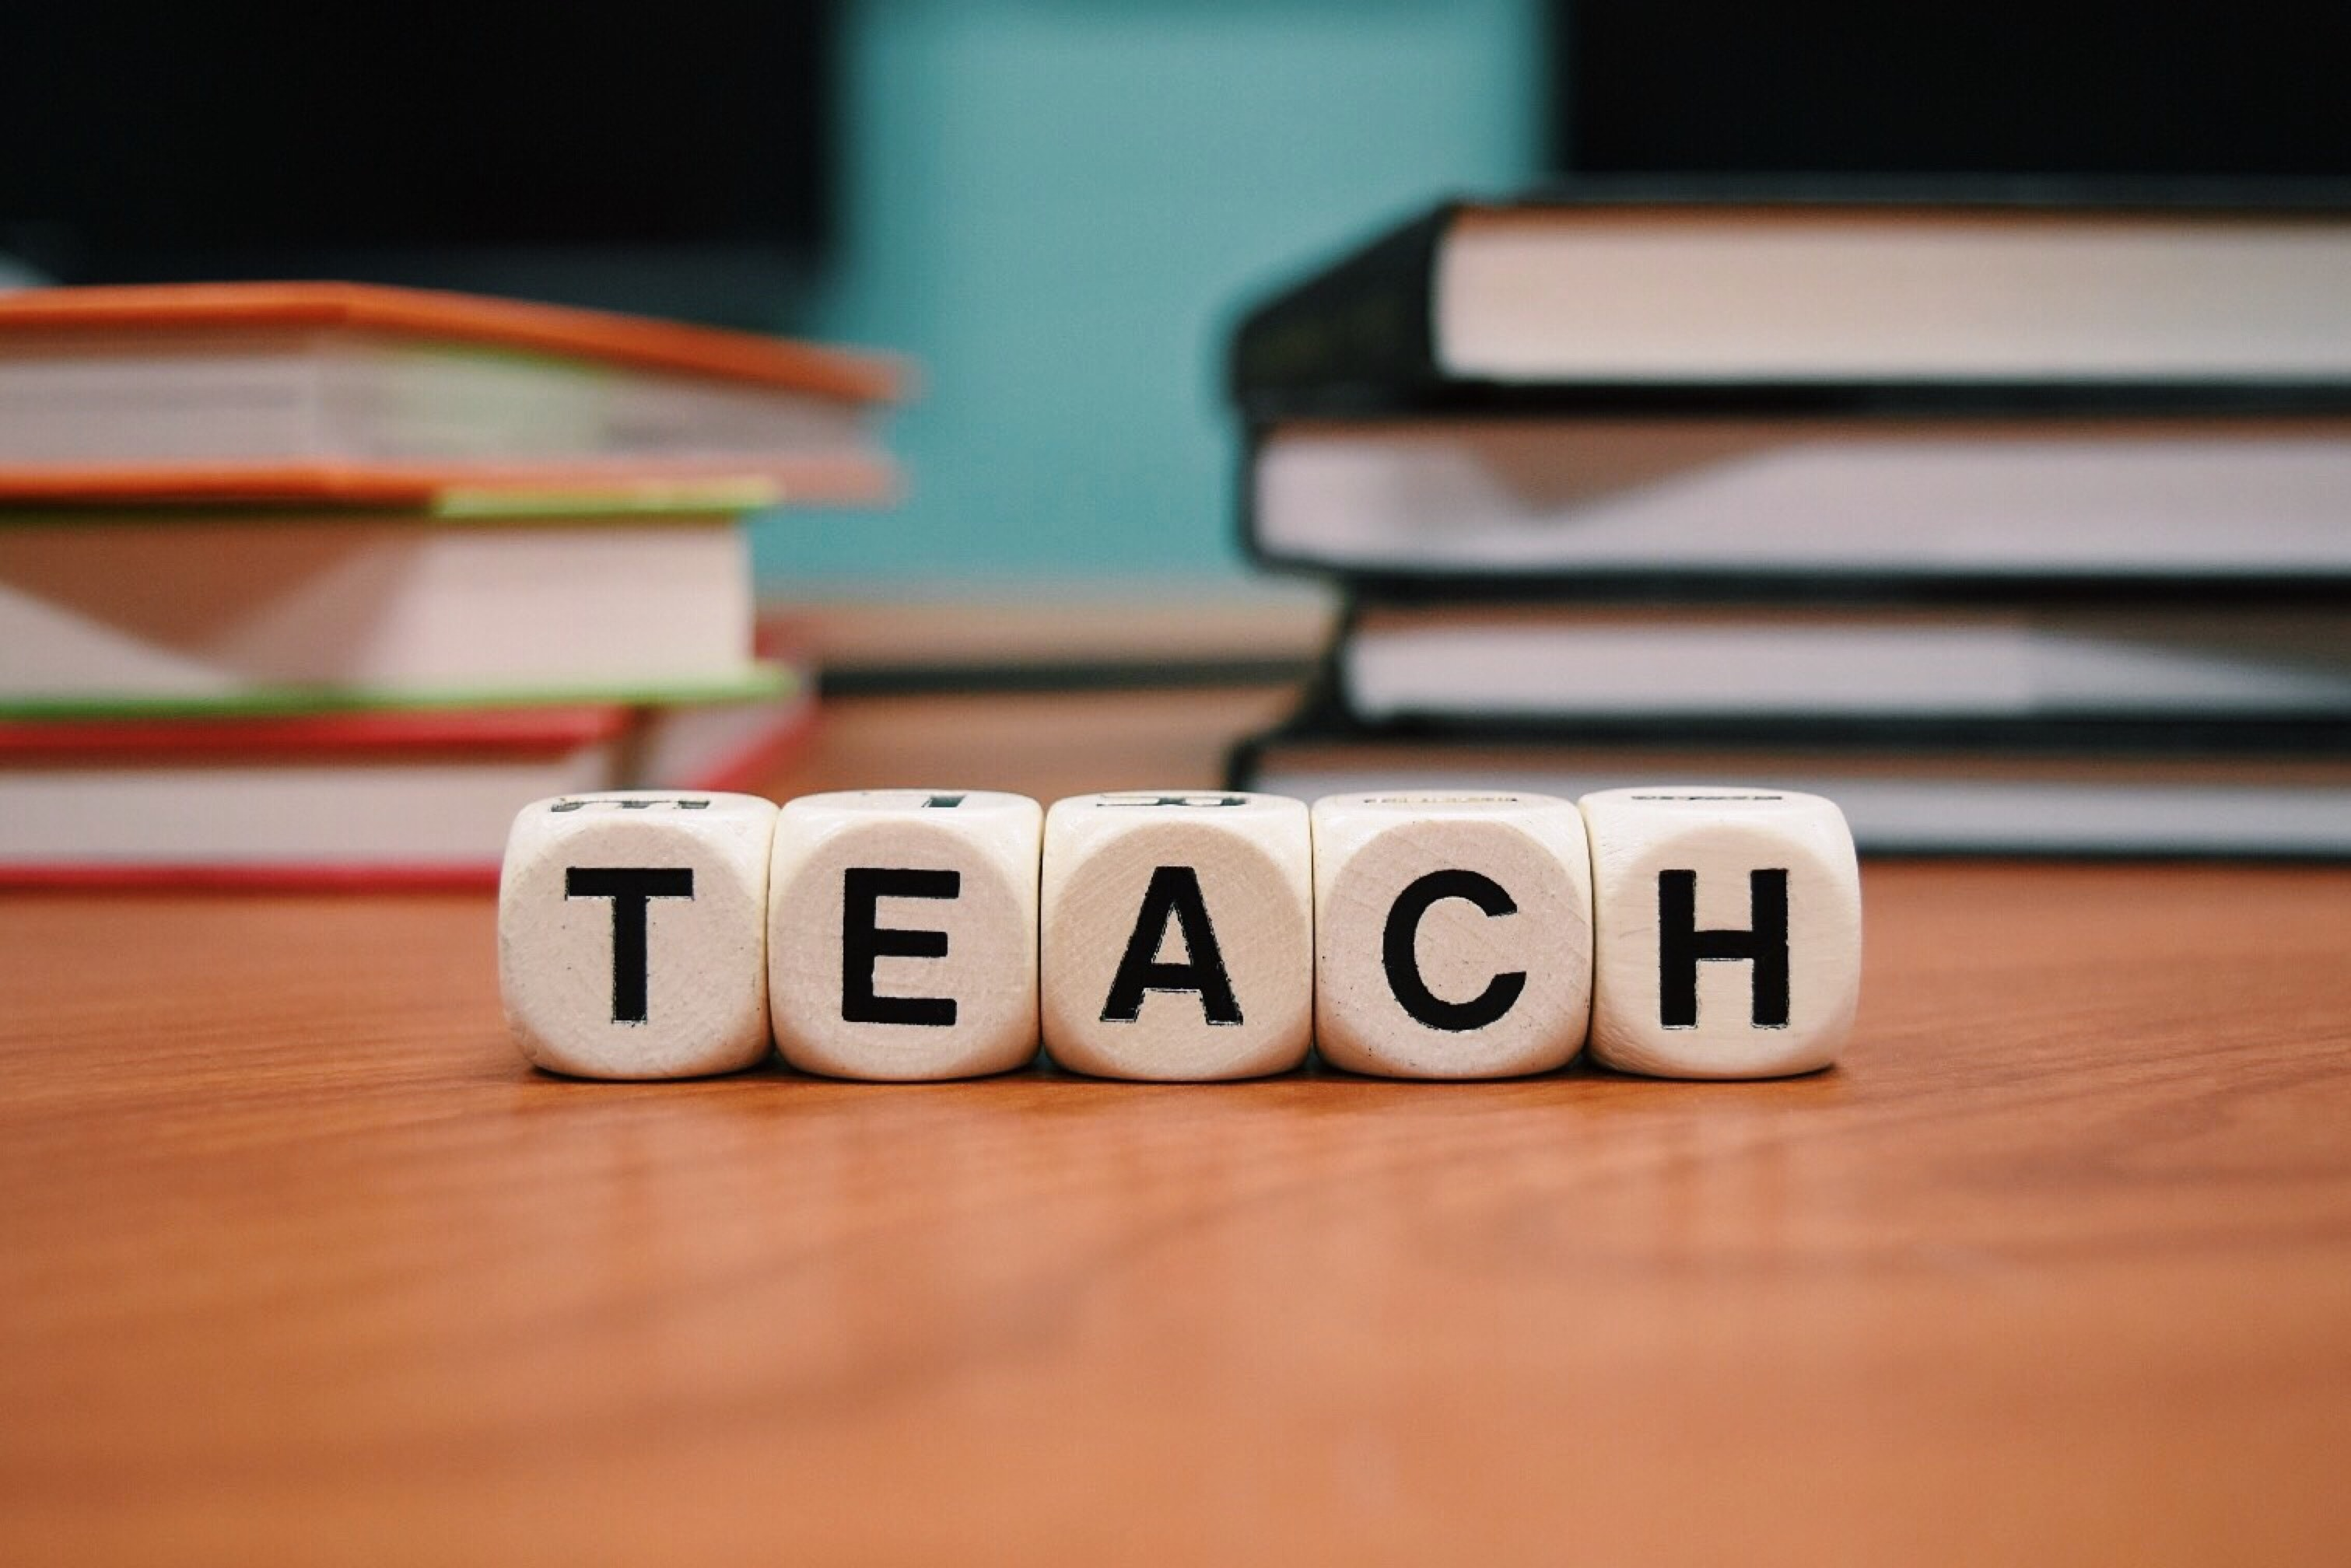 """Résultat de recherche d'images pour """"Teach"""""""